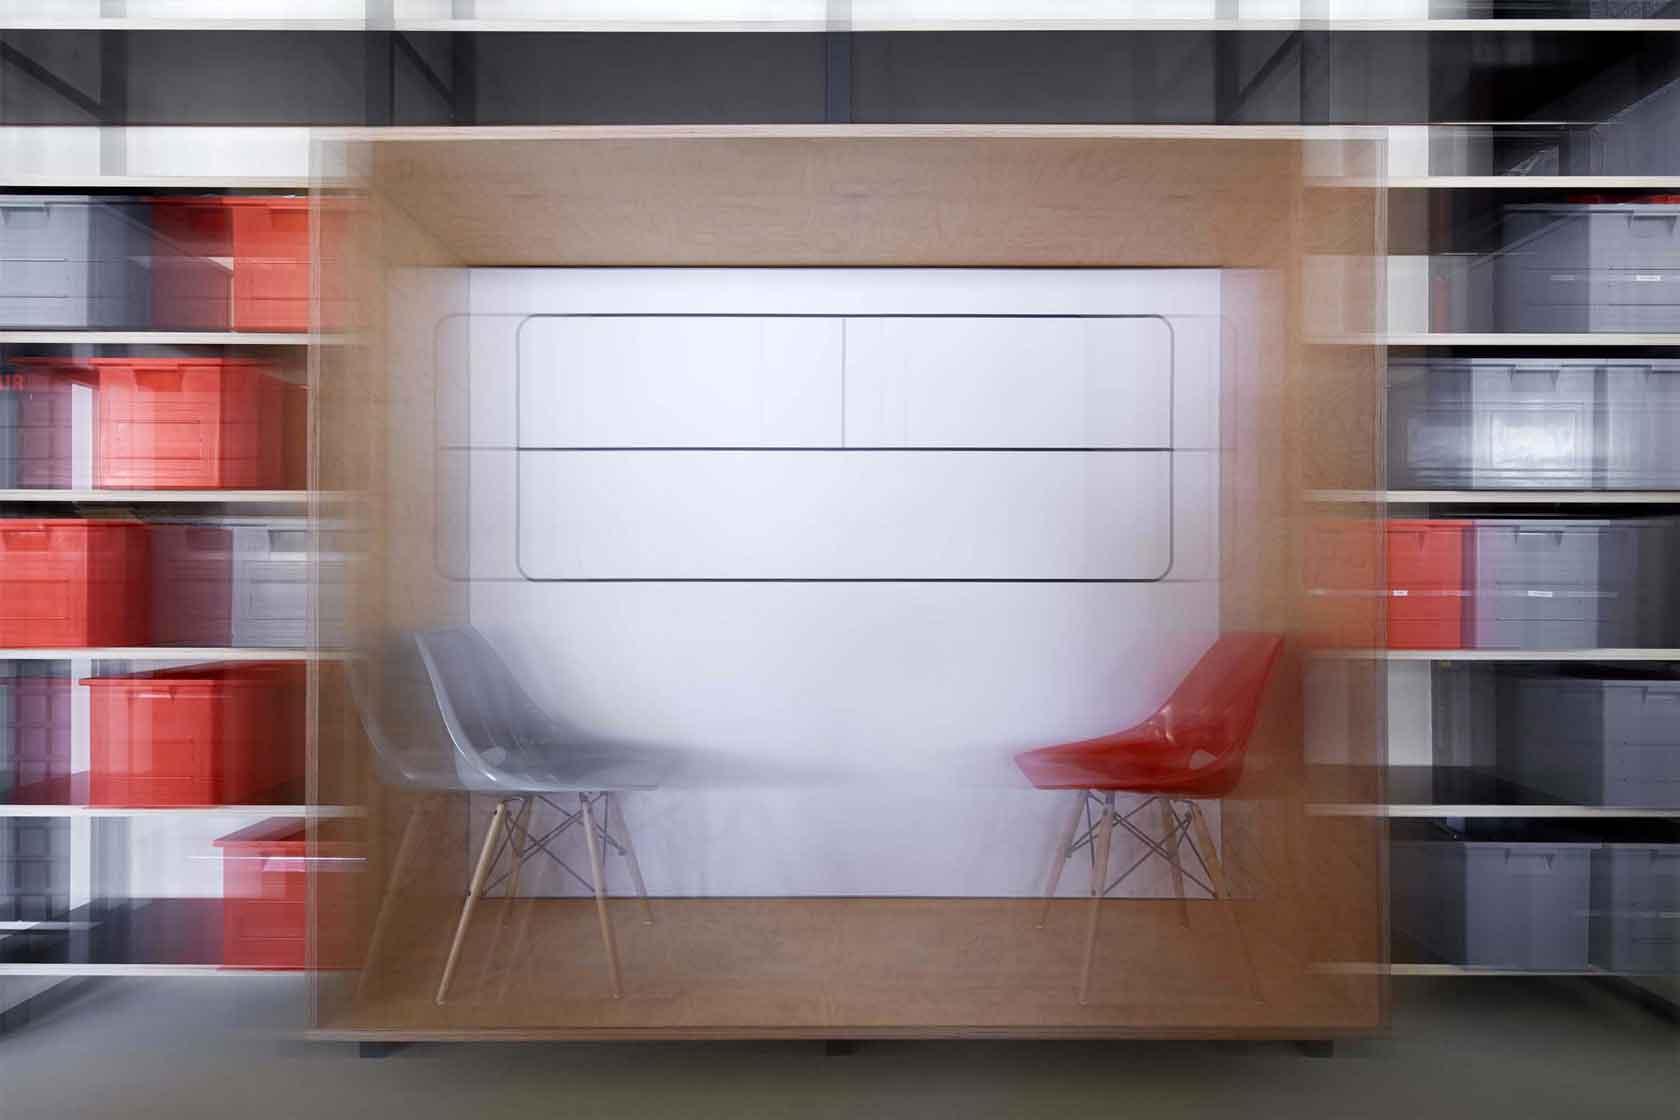 Kanceláře Czech Promotion  - kompaktní meeting box pro meetingy ve dvou. Autor: Kurz architekti